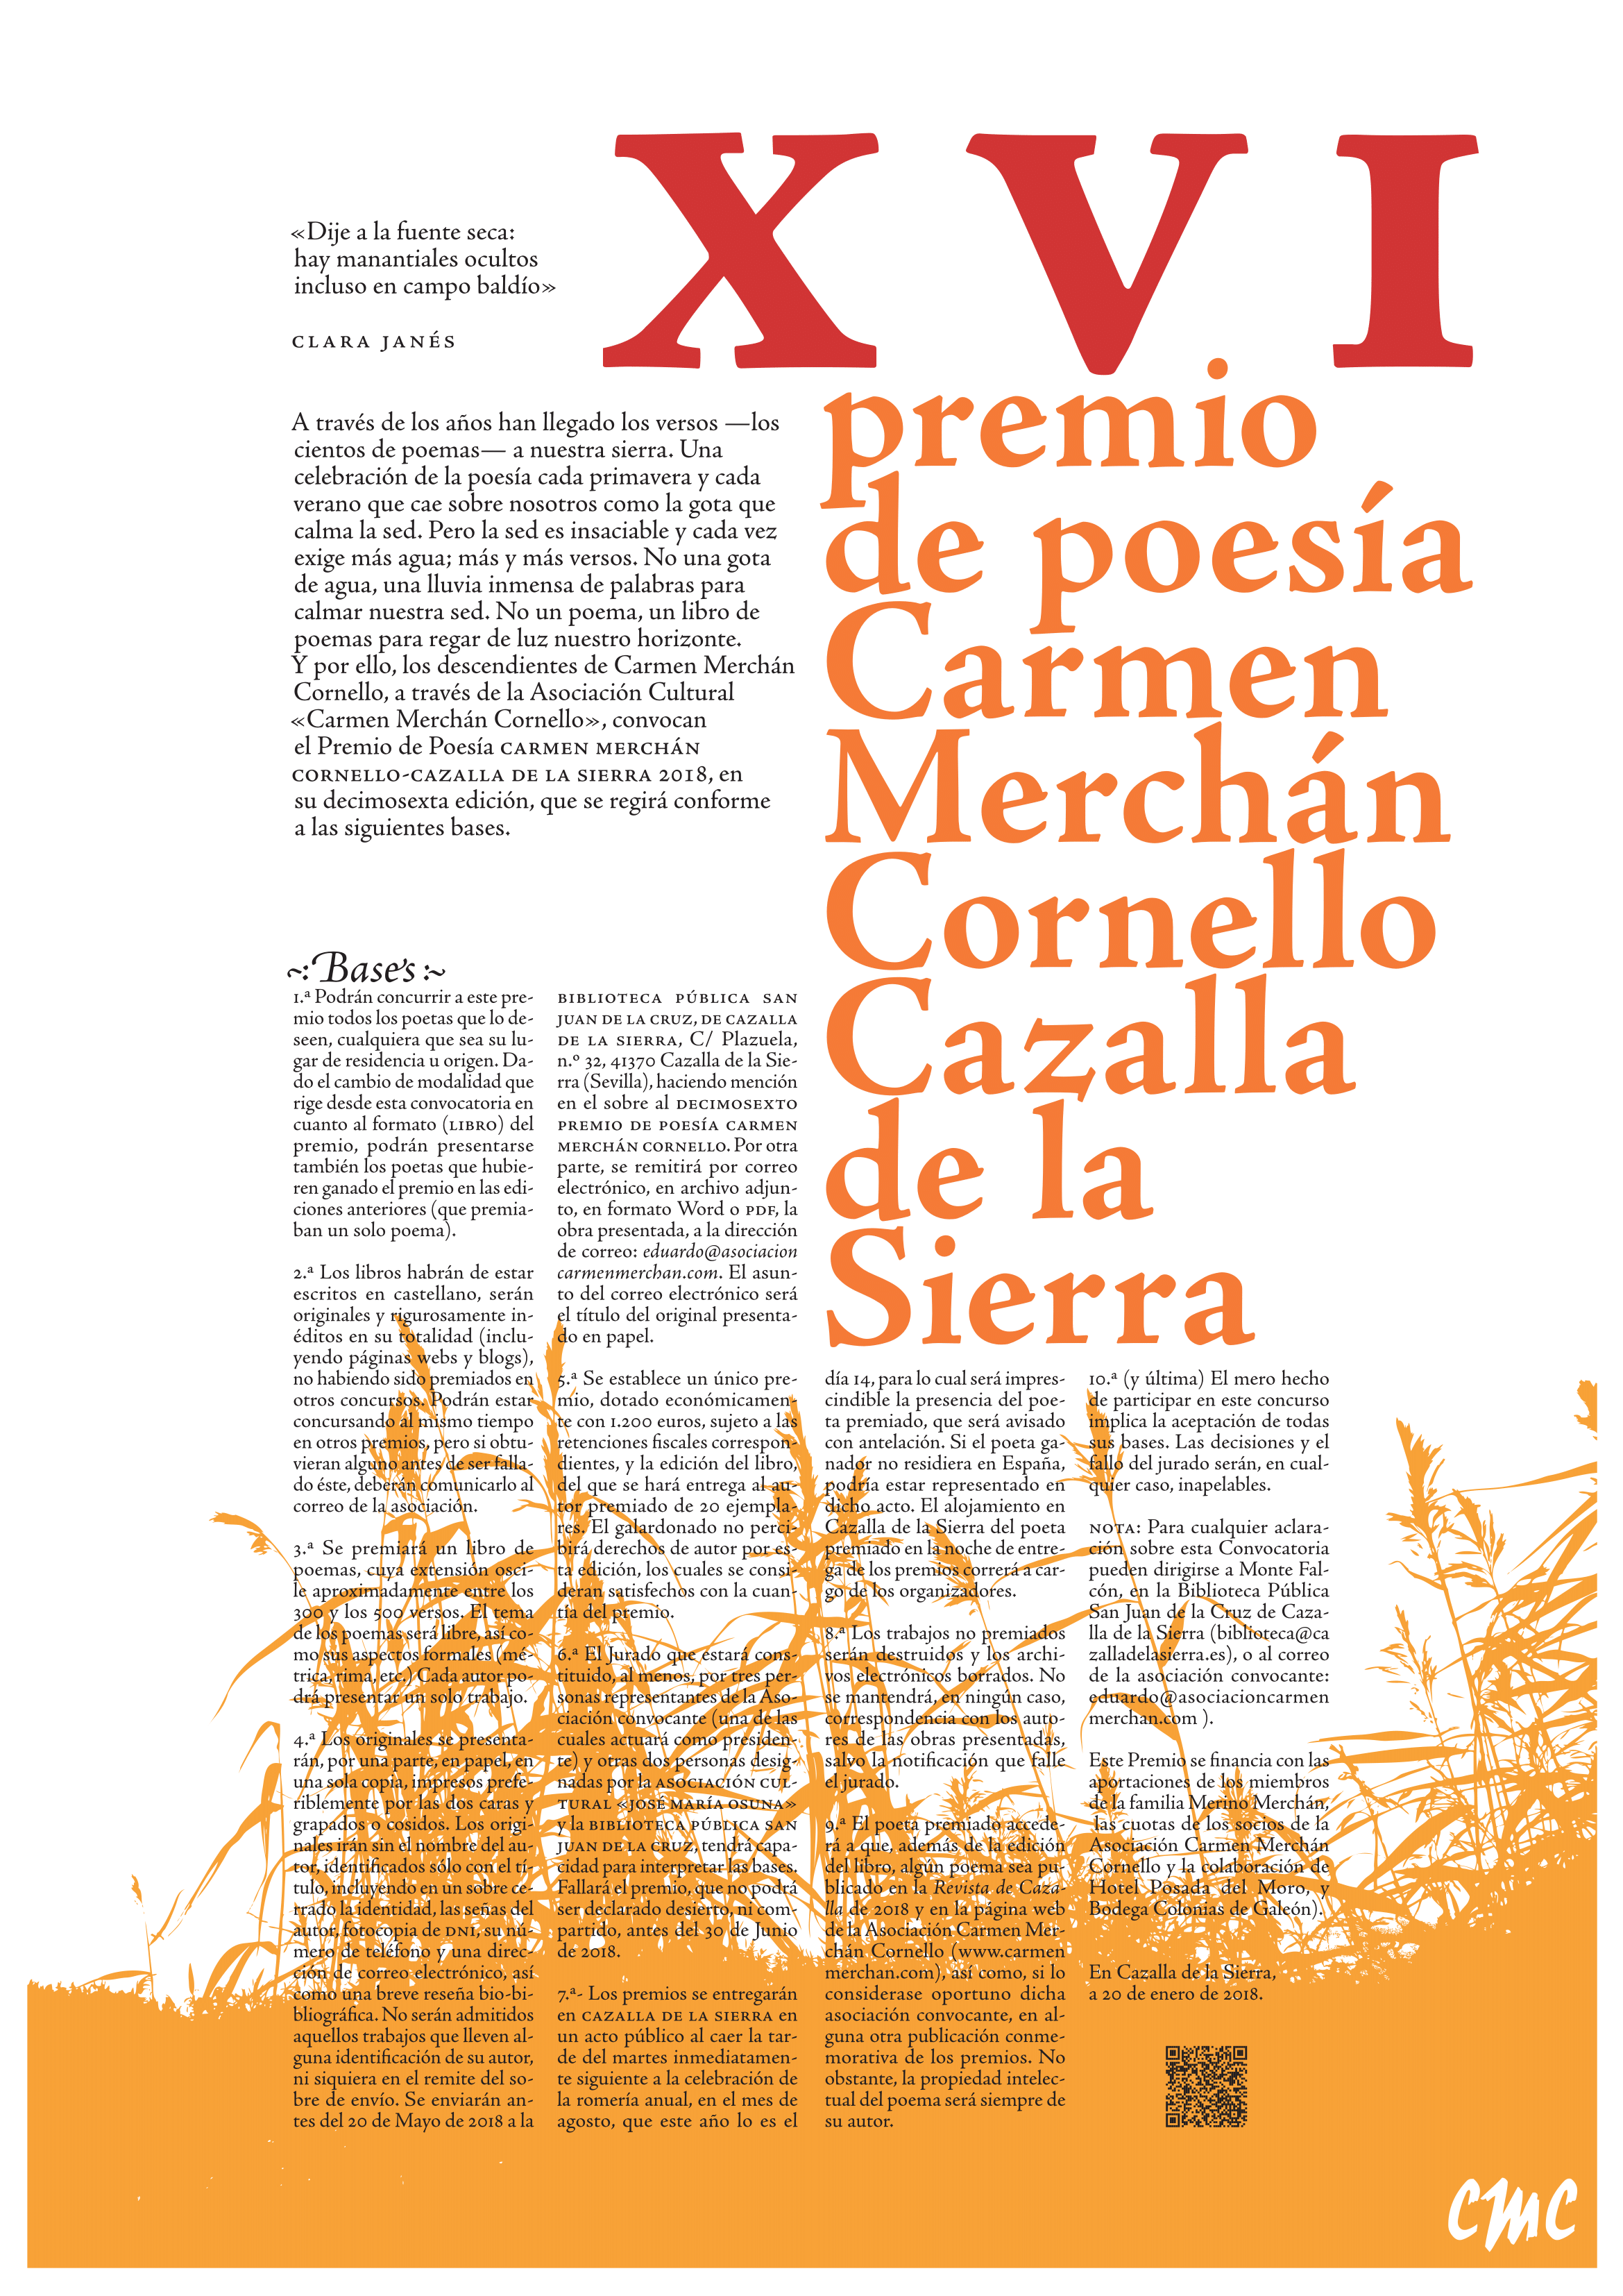 Cartel del XVI premio de Poesía carmen Merchán Cornello